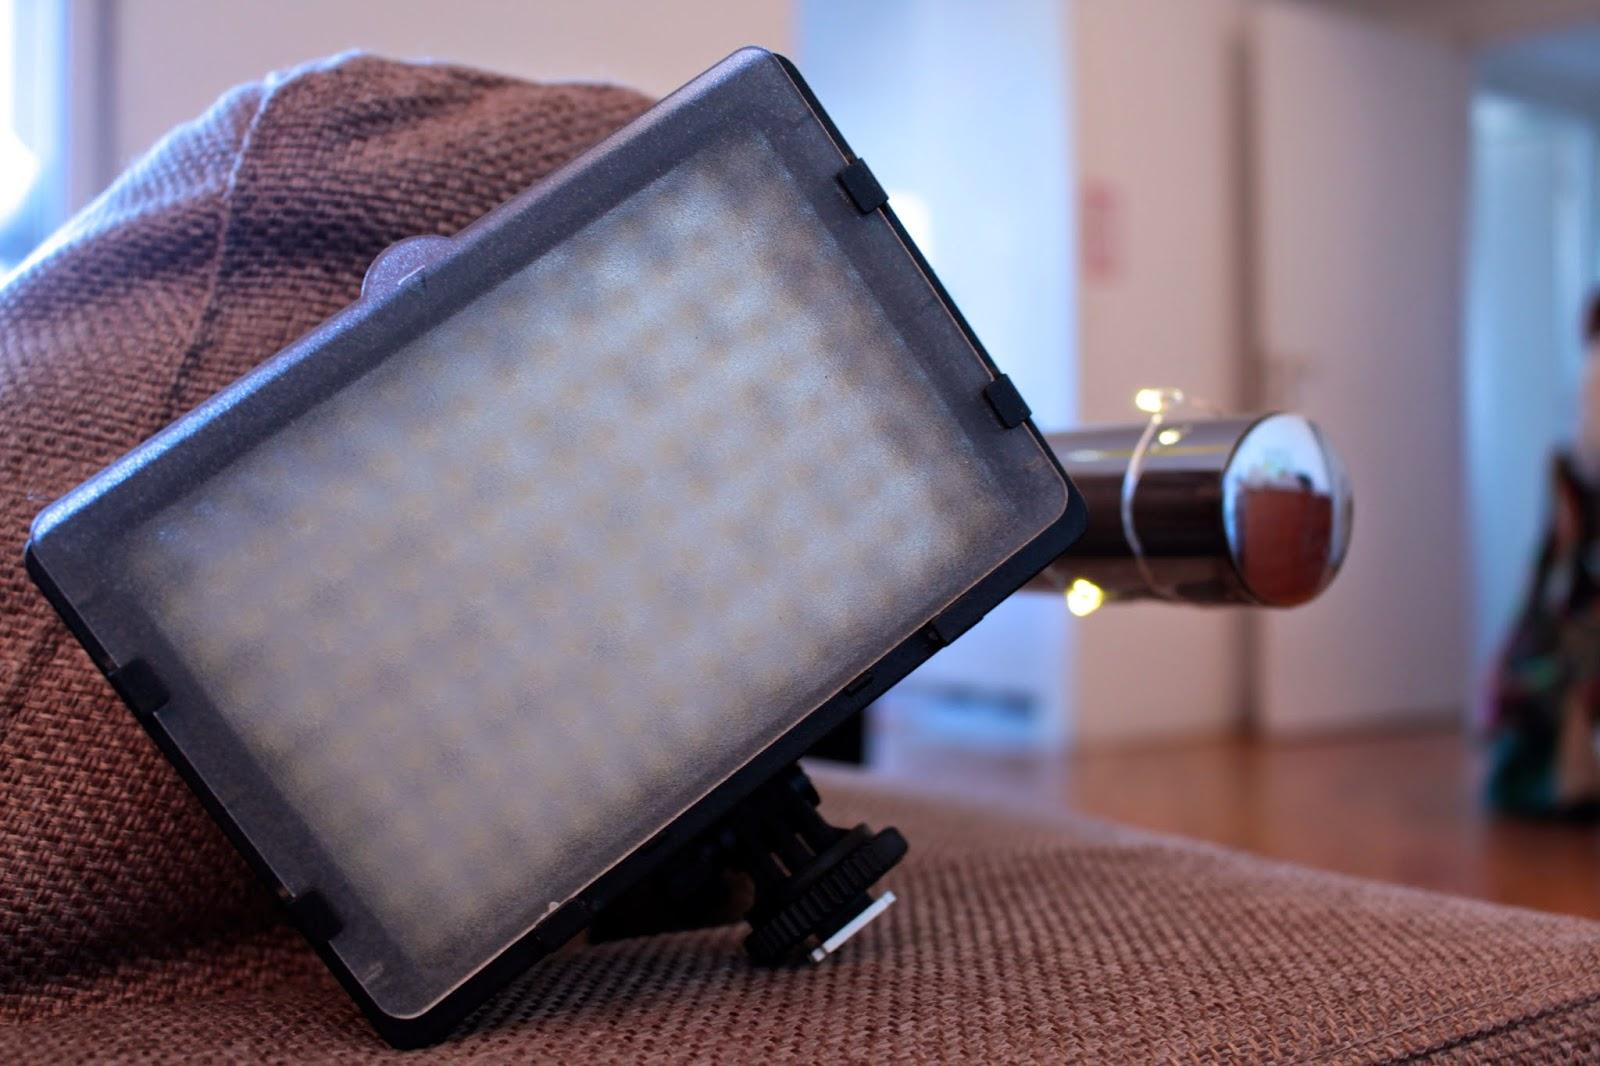 PRO160-LED VIDEO LIGHT